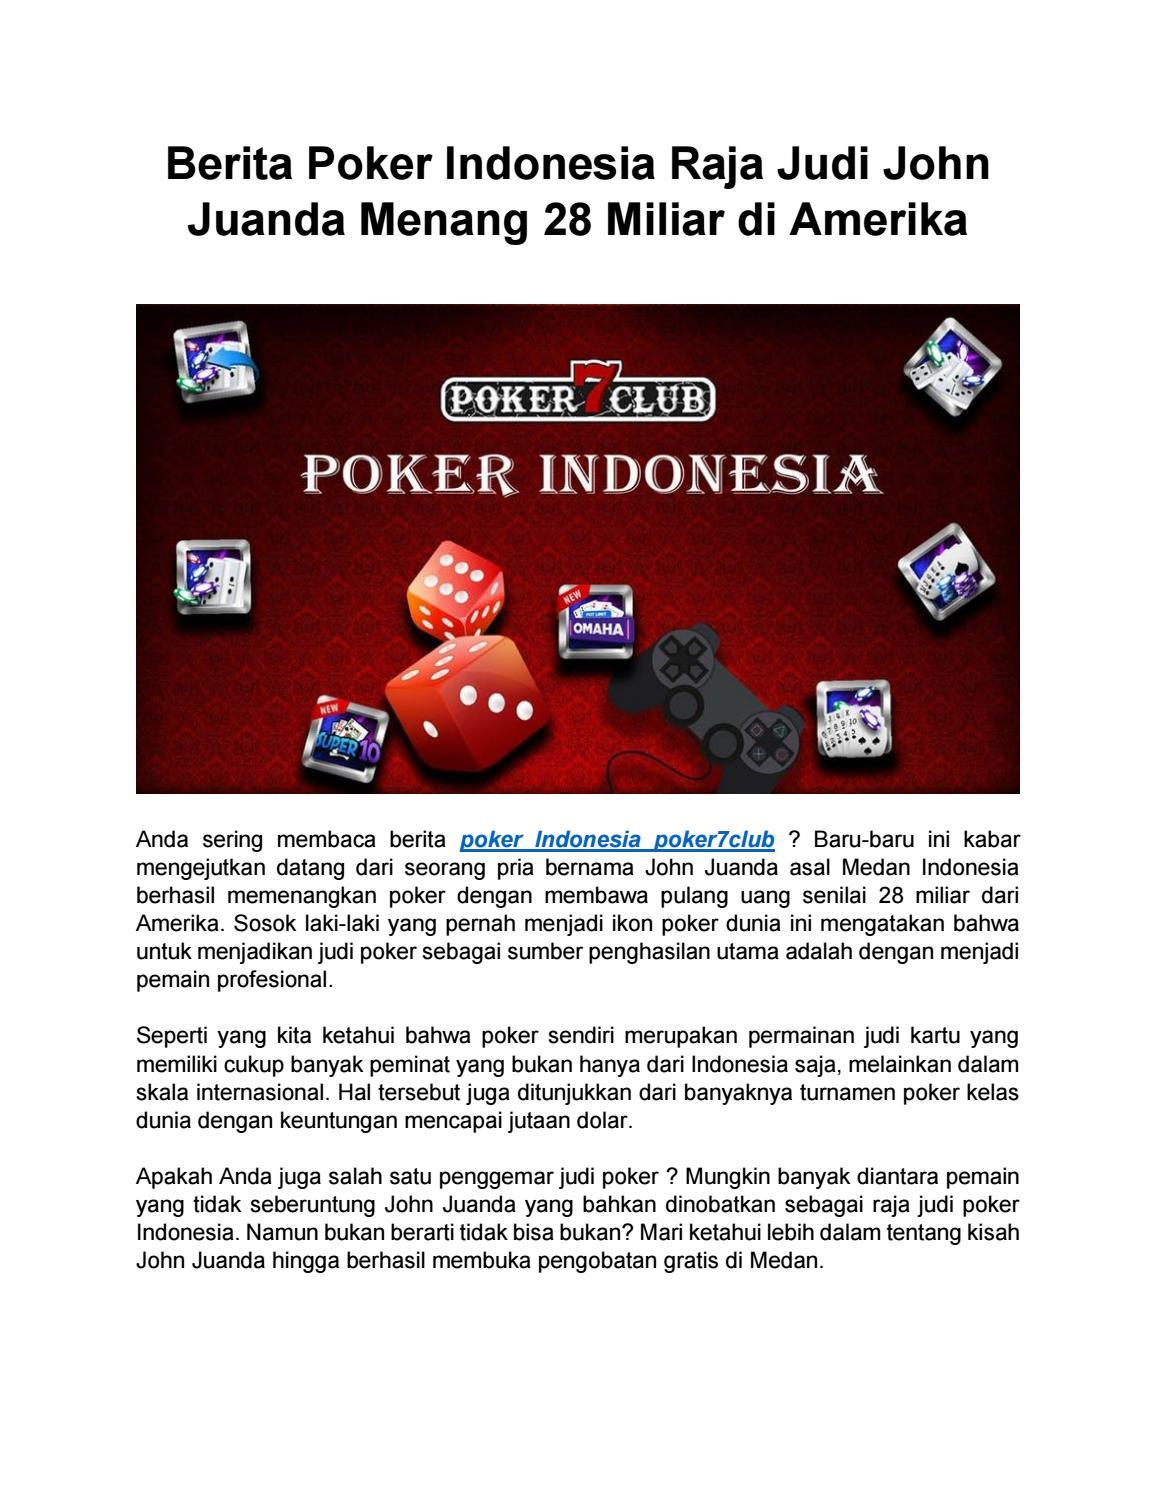 Berita Poker Indonesia Raja Judi John Juanda Menang 28 Miliar Di Amerika By Paragonpoker Issuu